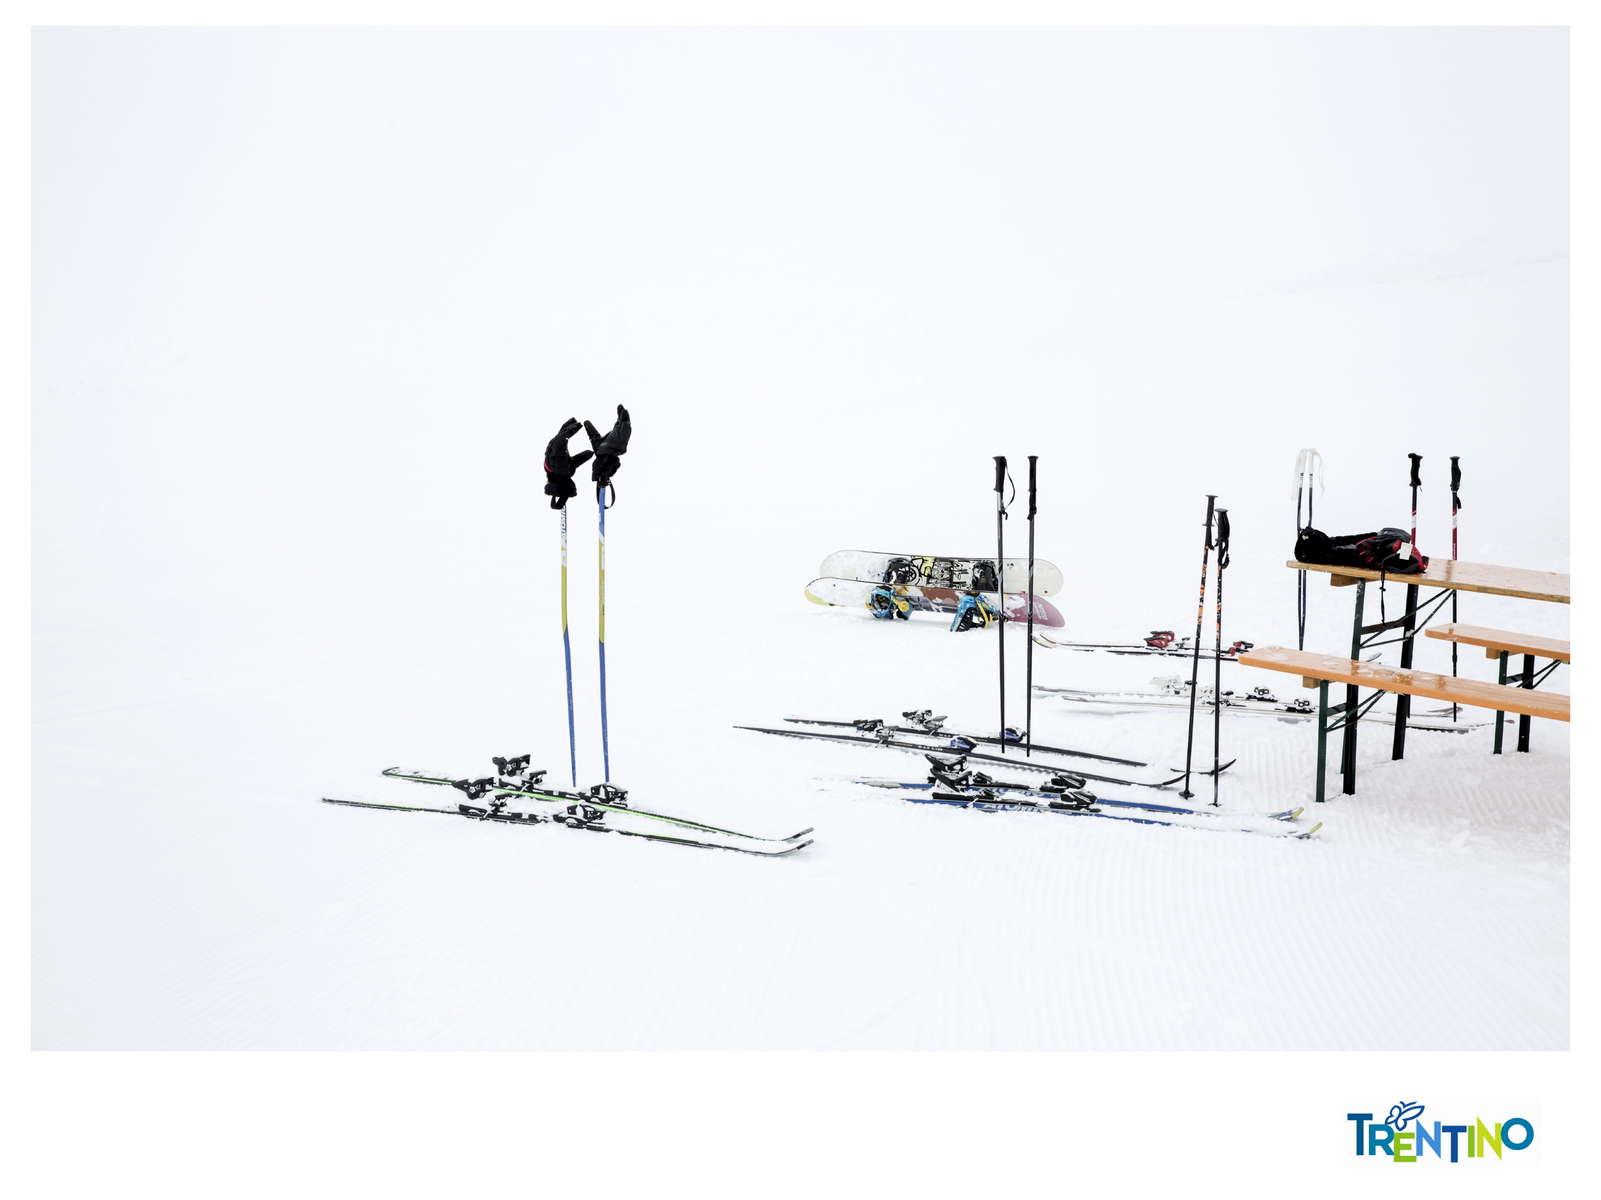 Trentino_Corporate07